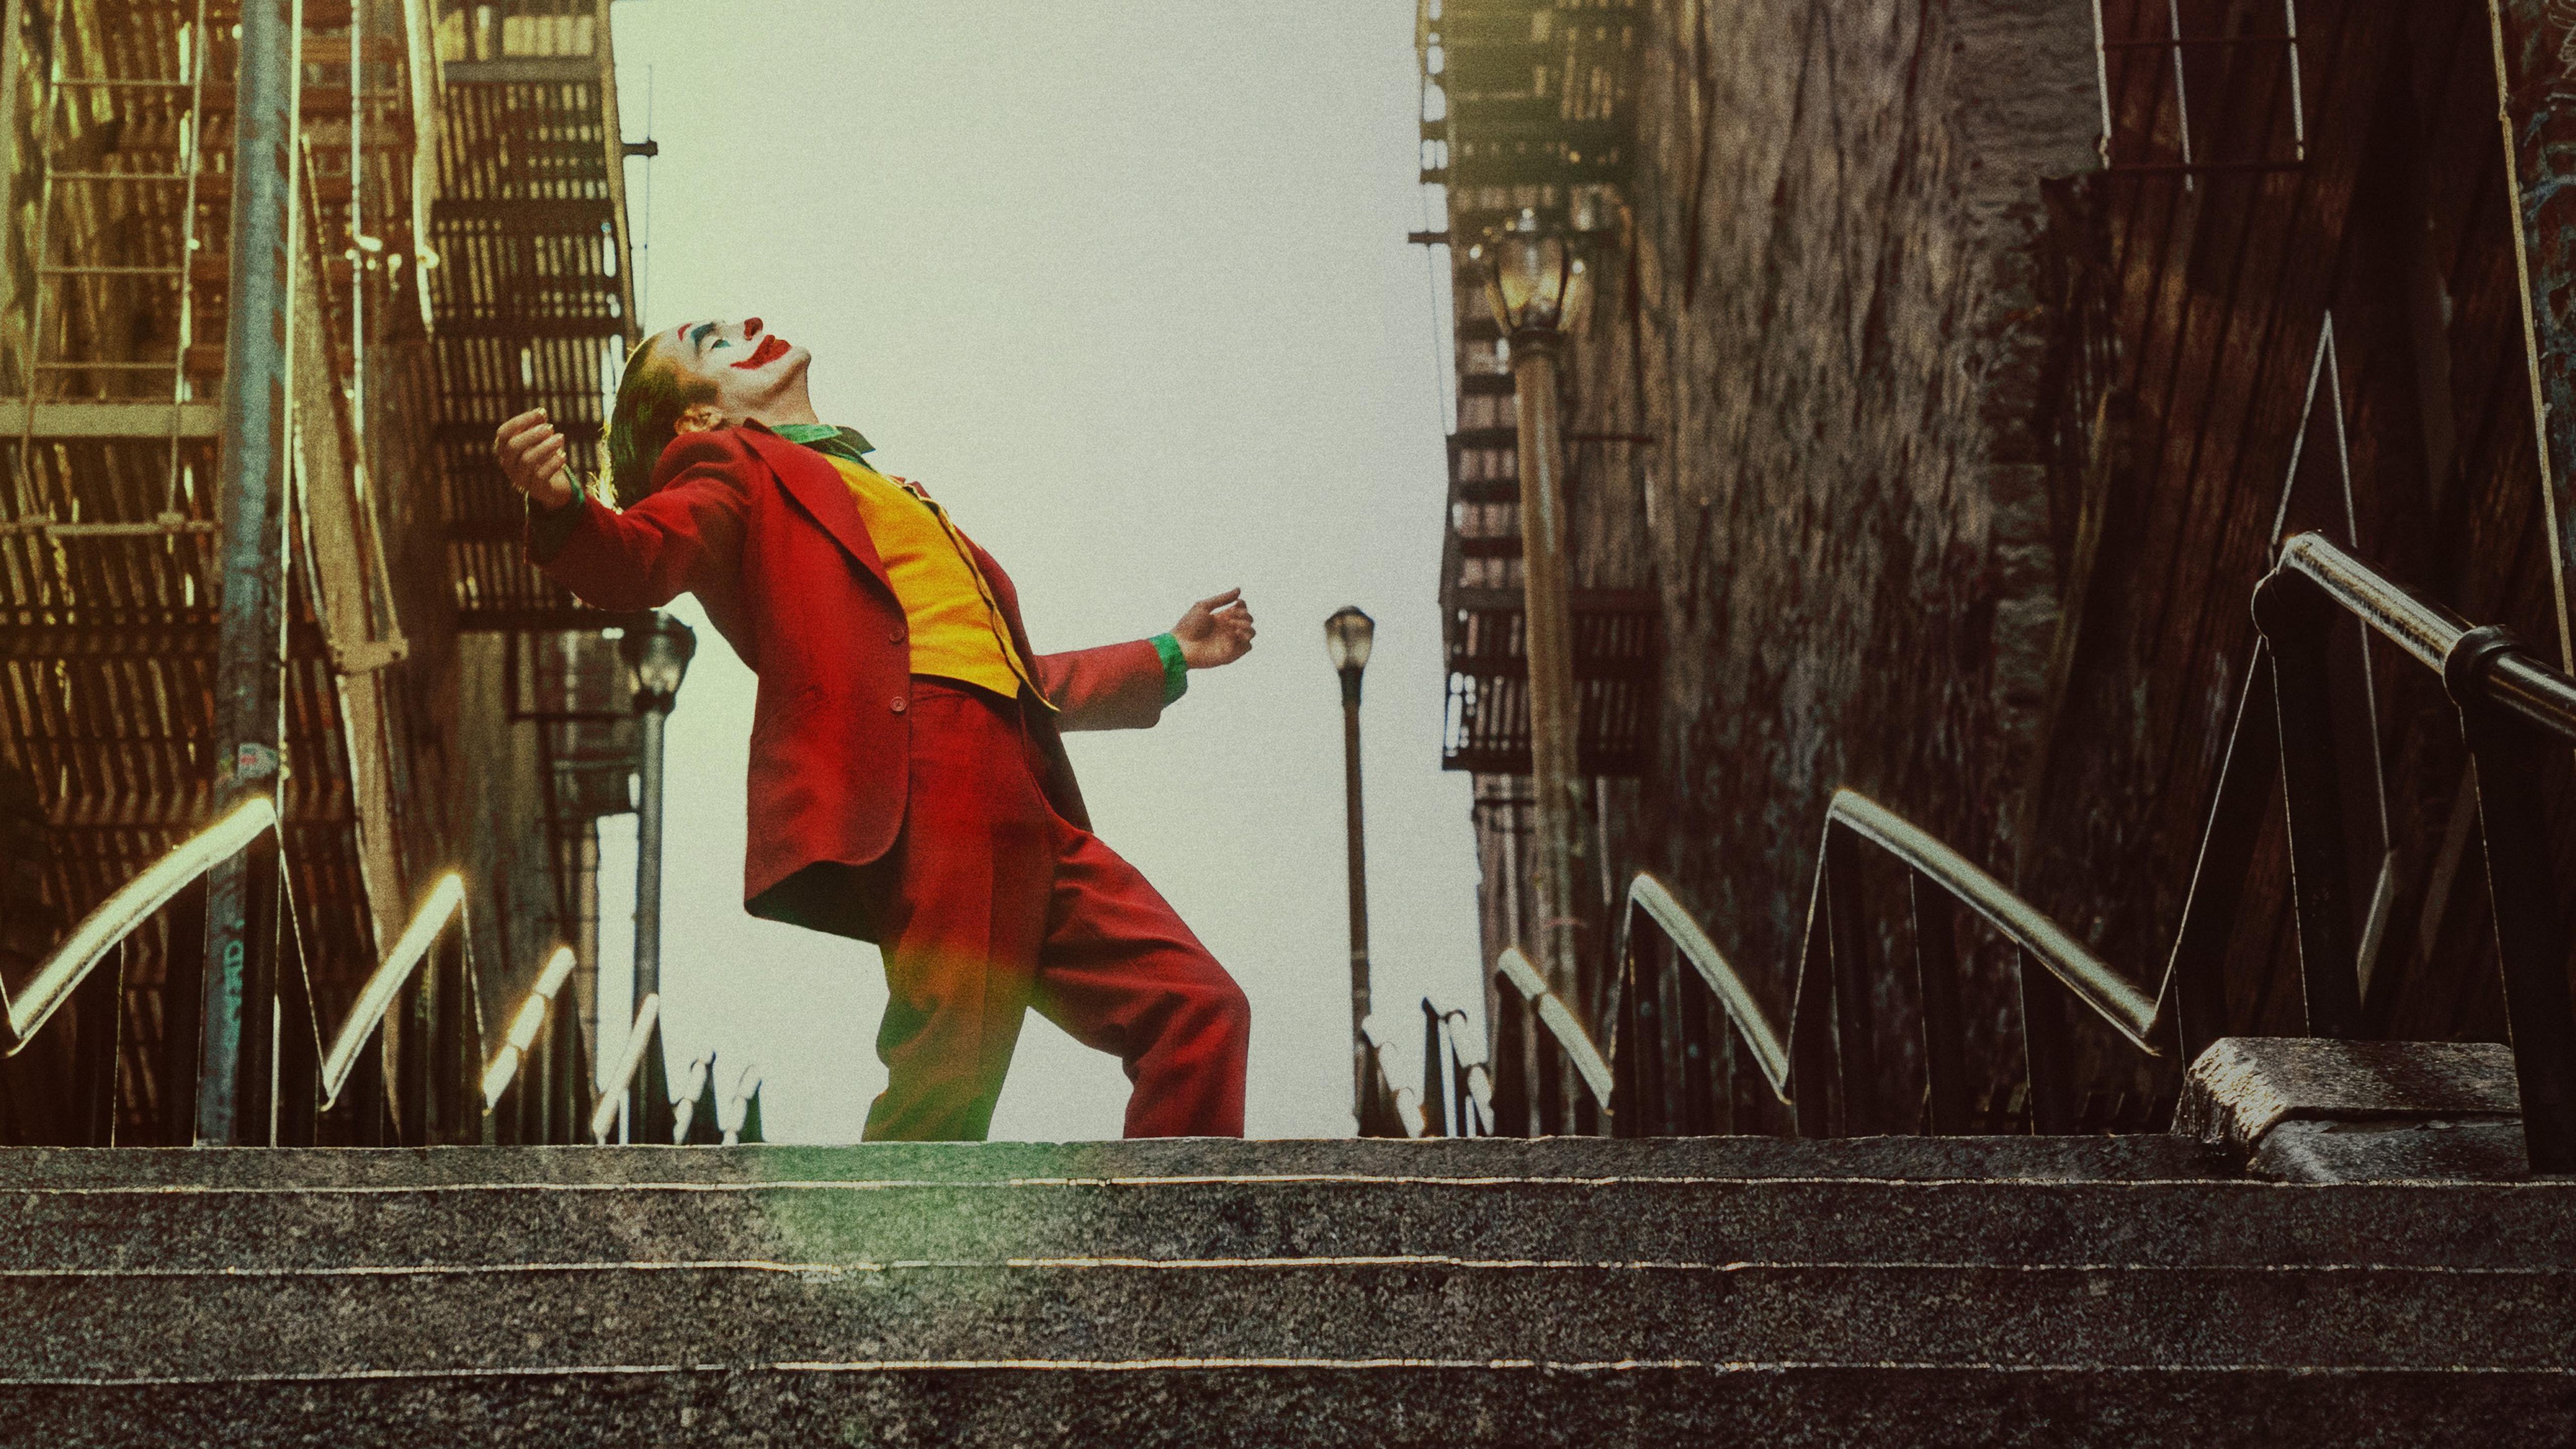 joker-moie-8k-2019-t8.jpg